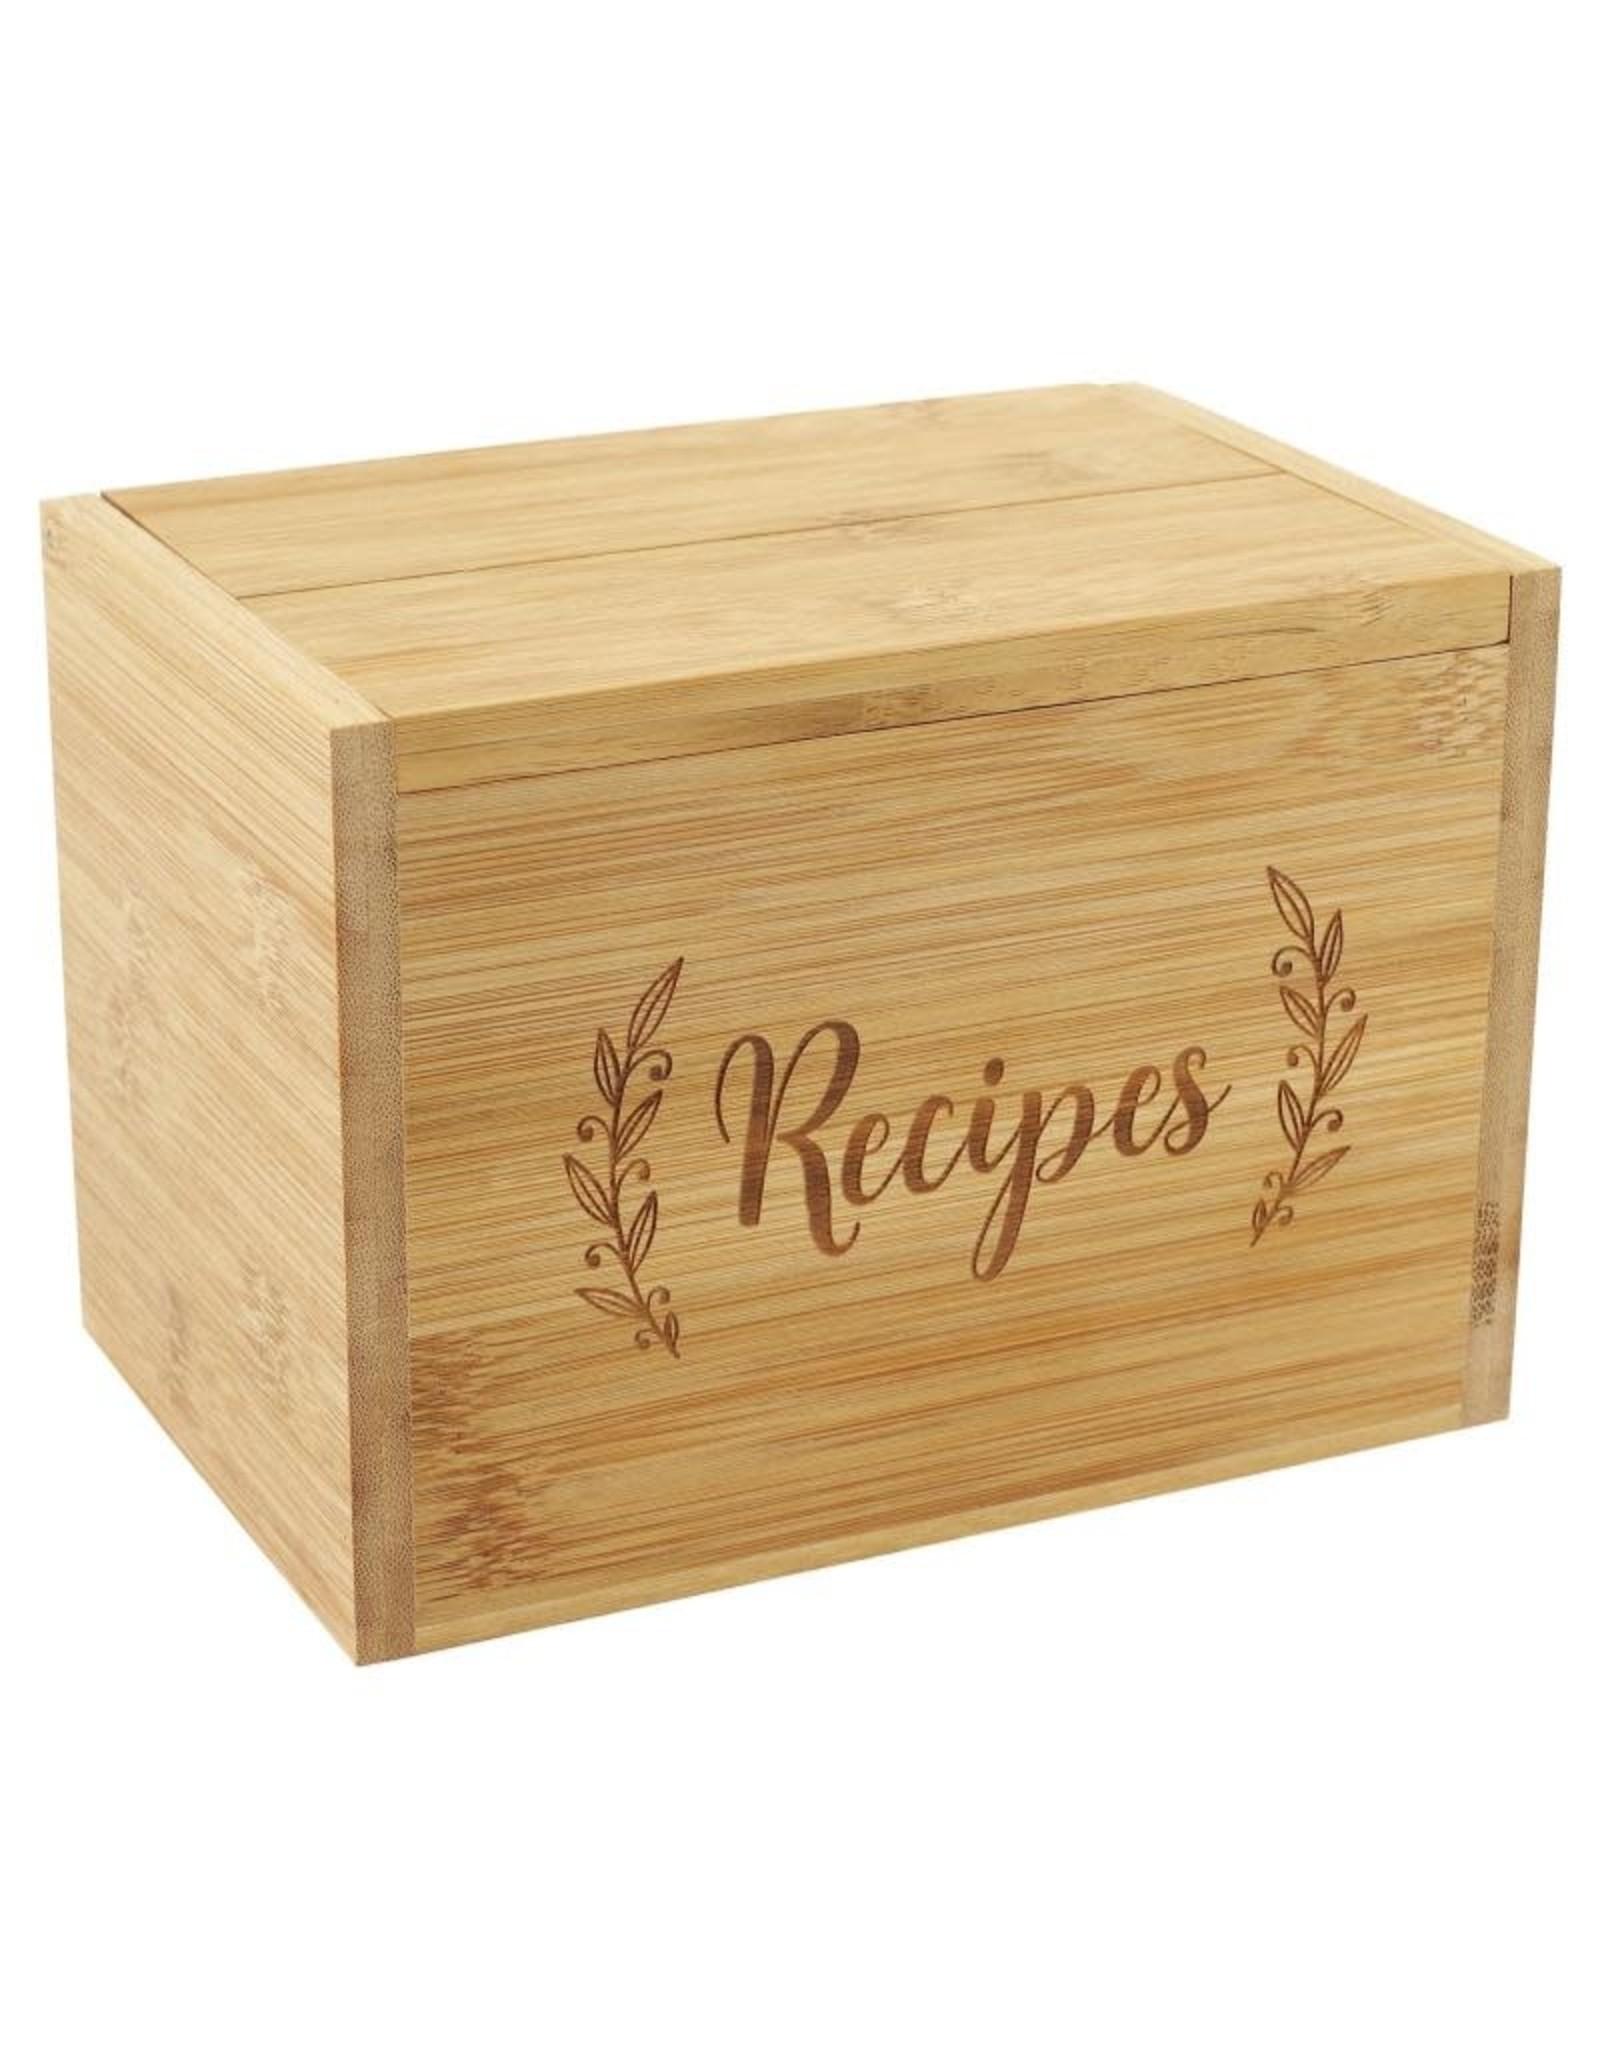 Peter Pauper Bamboo Recipe Box Set